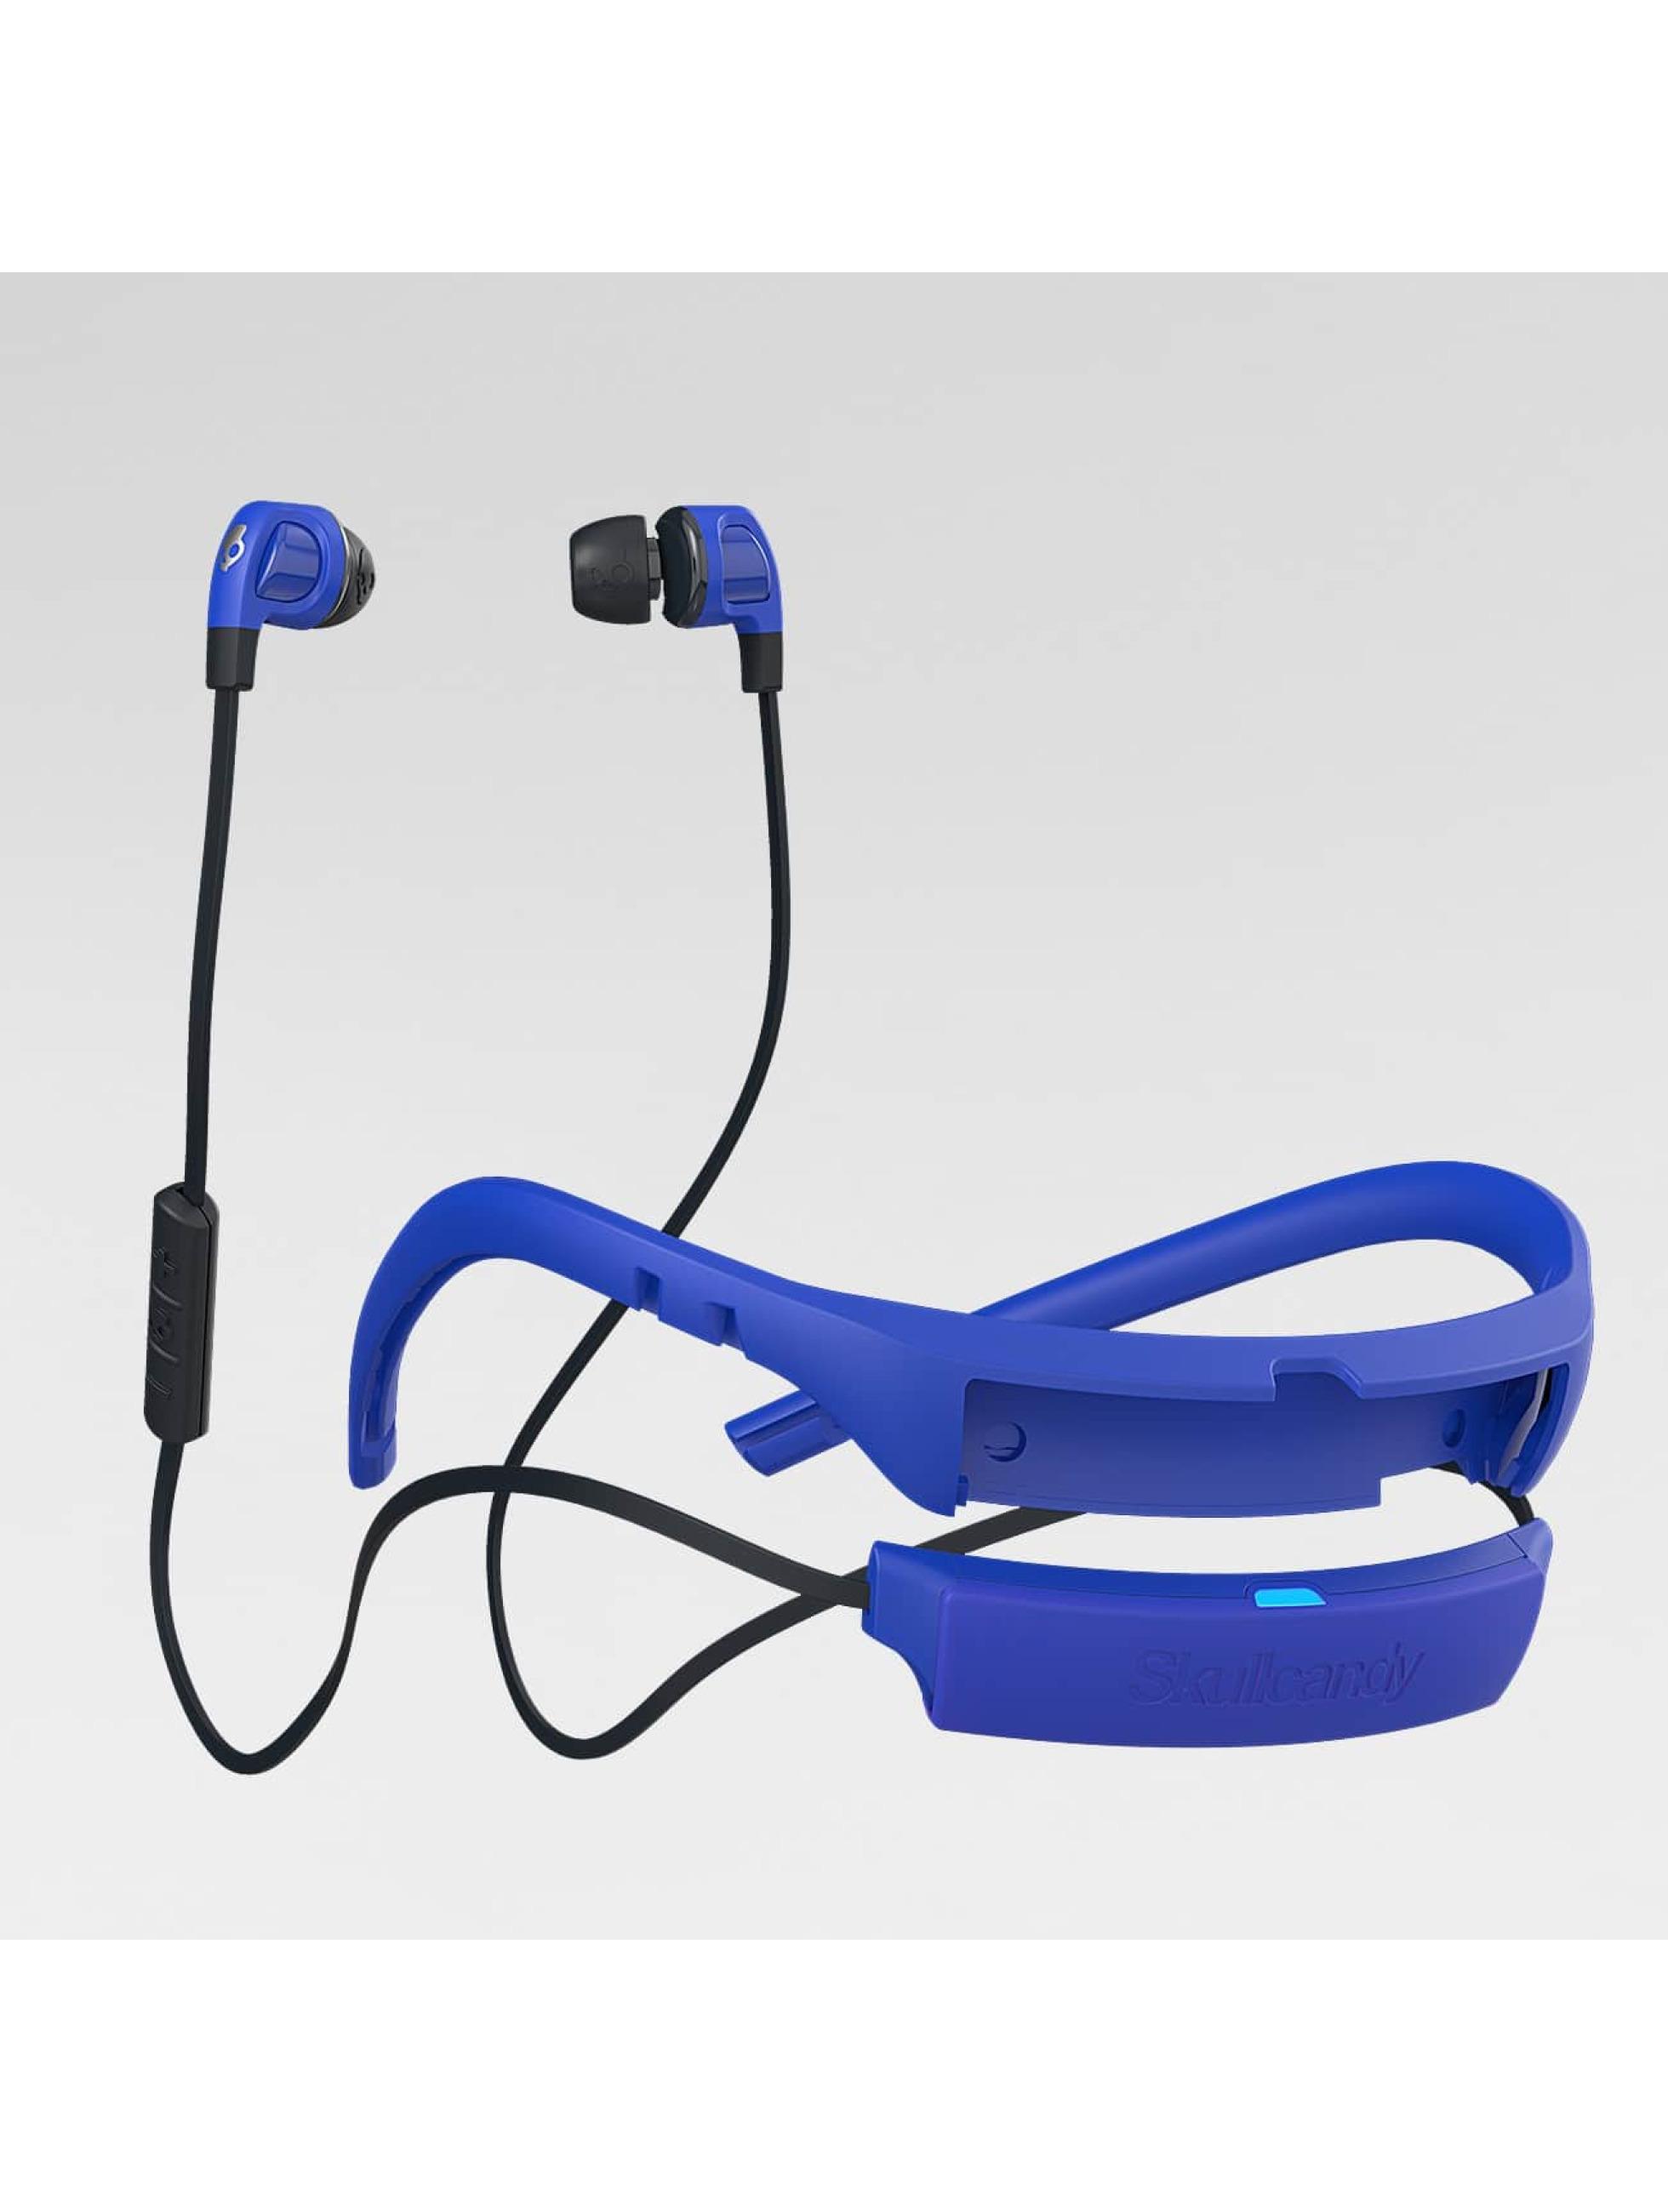 Skullcandy Sluchátka Smokin Bud 2 Wireless modrá